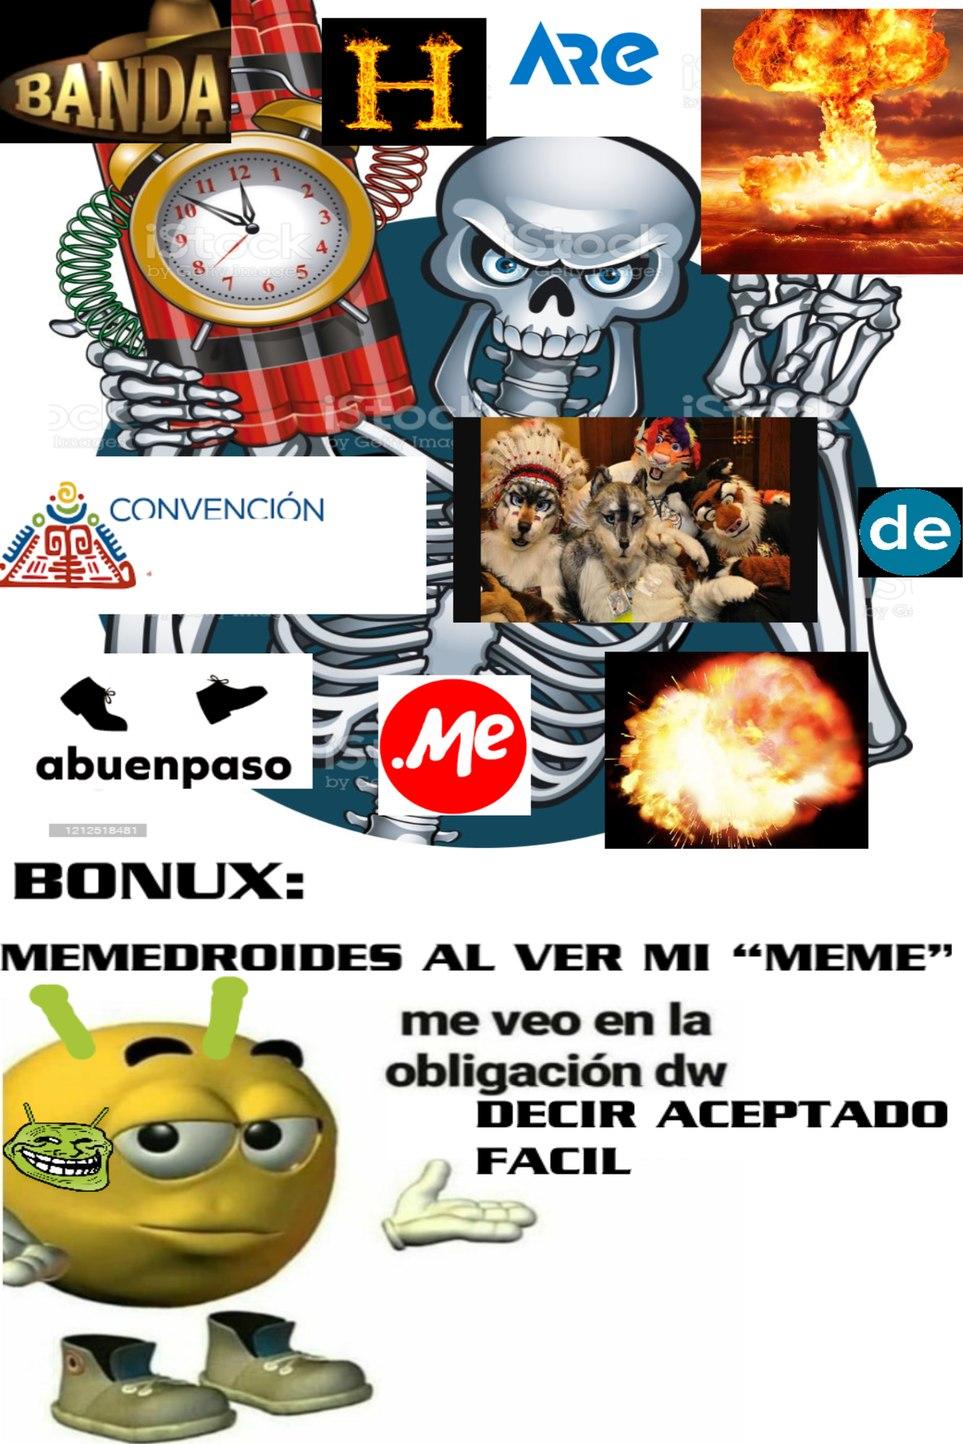 ACEPTADO FASIL :ZOOMER: rechazado dificil :chad: XD - meme